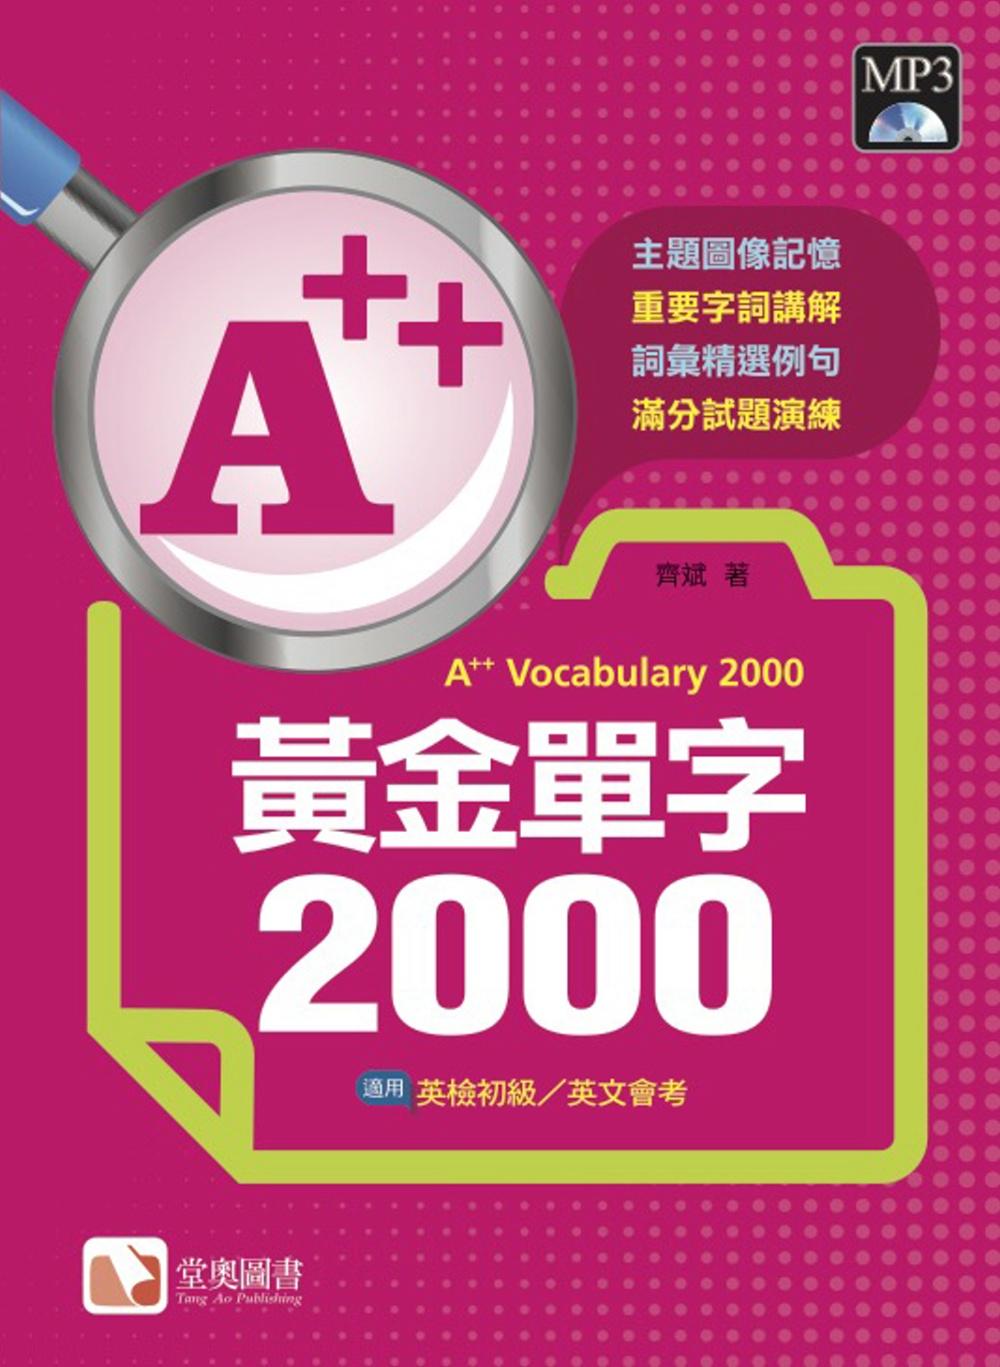 A++黃金單字2000